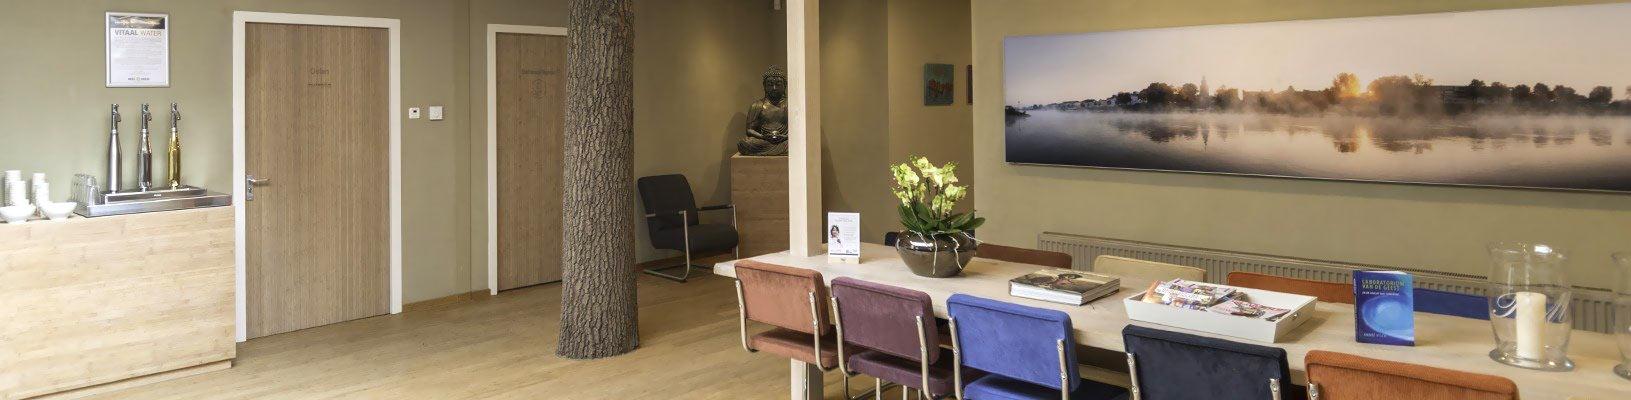 Online afspraak maken HeelHuus Gezondheidscentrum Warnsveld Zutphen